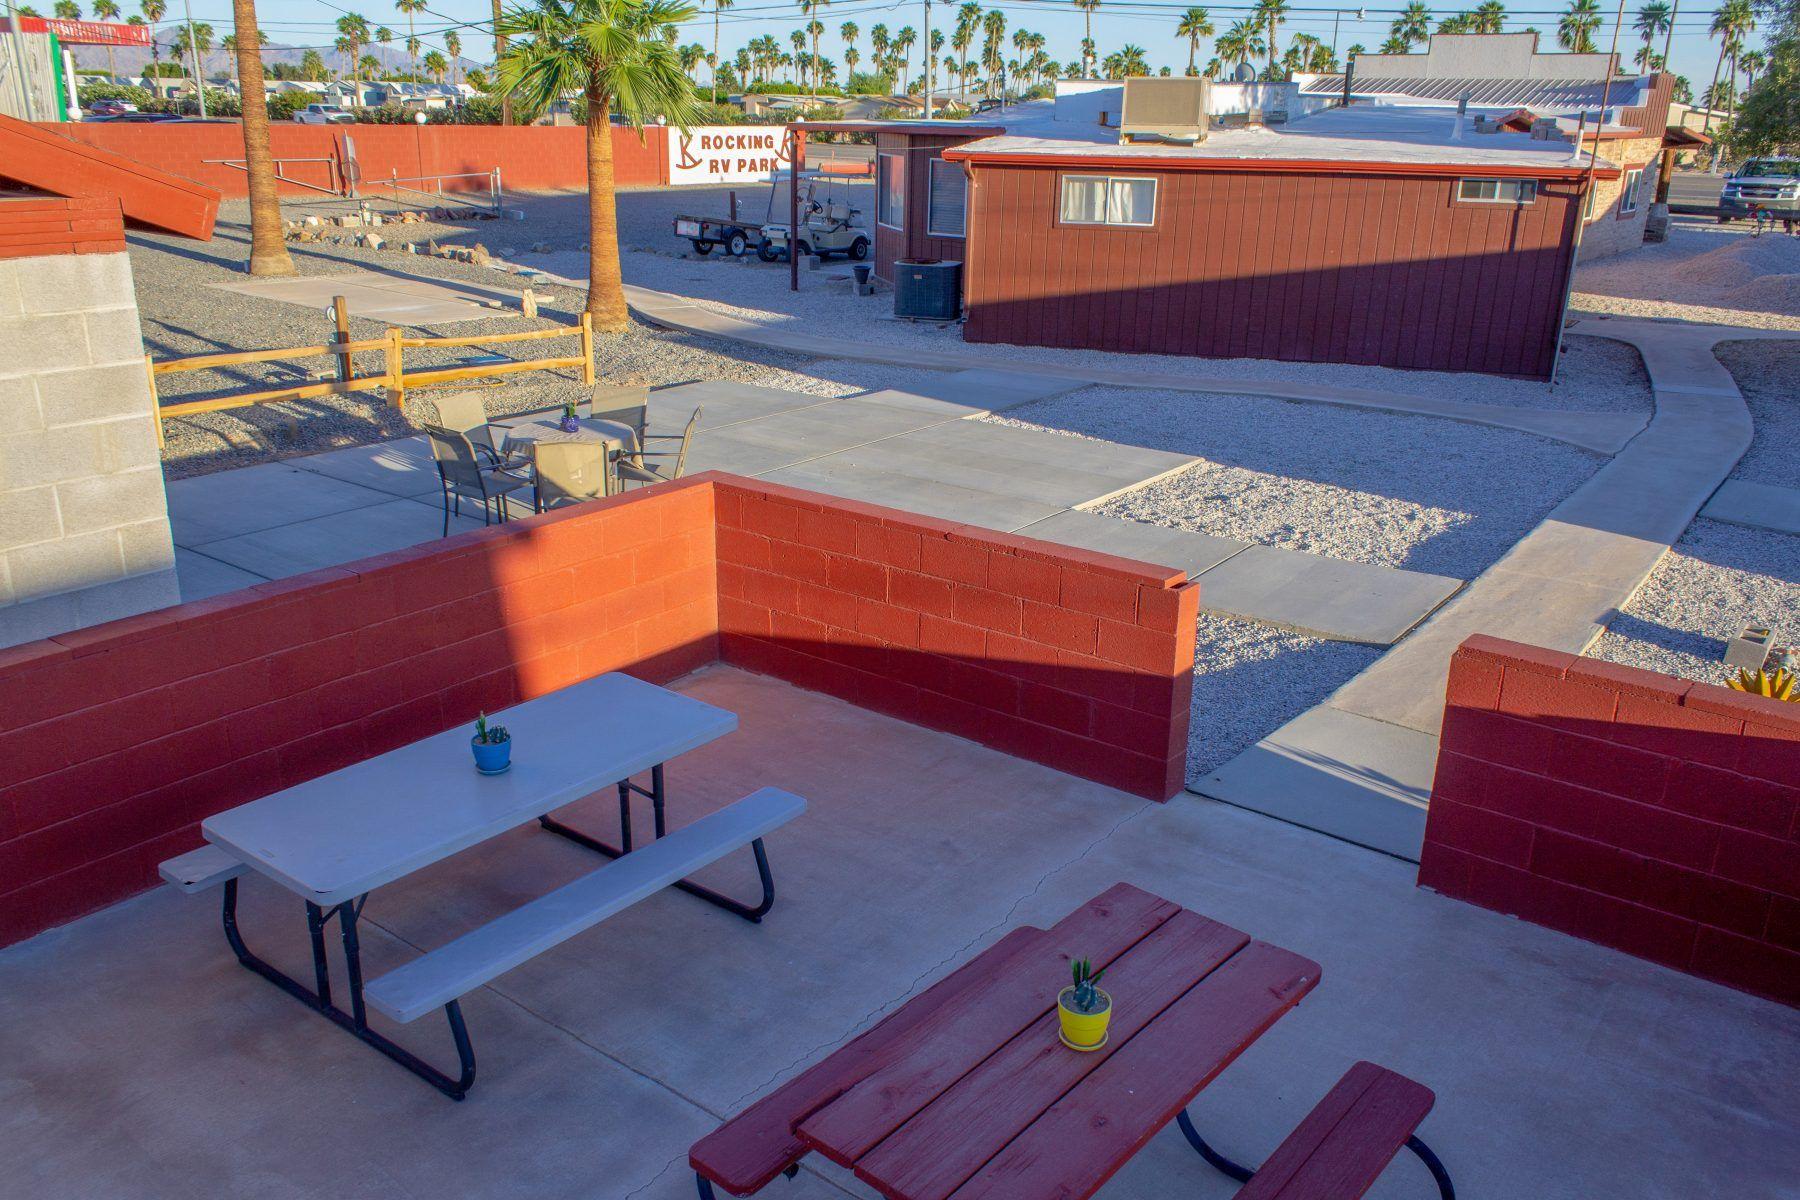 Visit Rocking K RV Park, Yuma, AZ